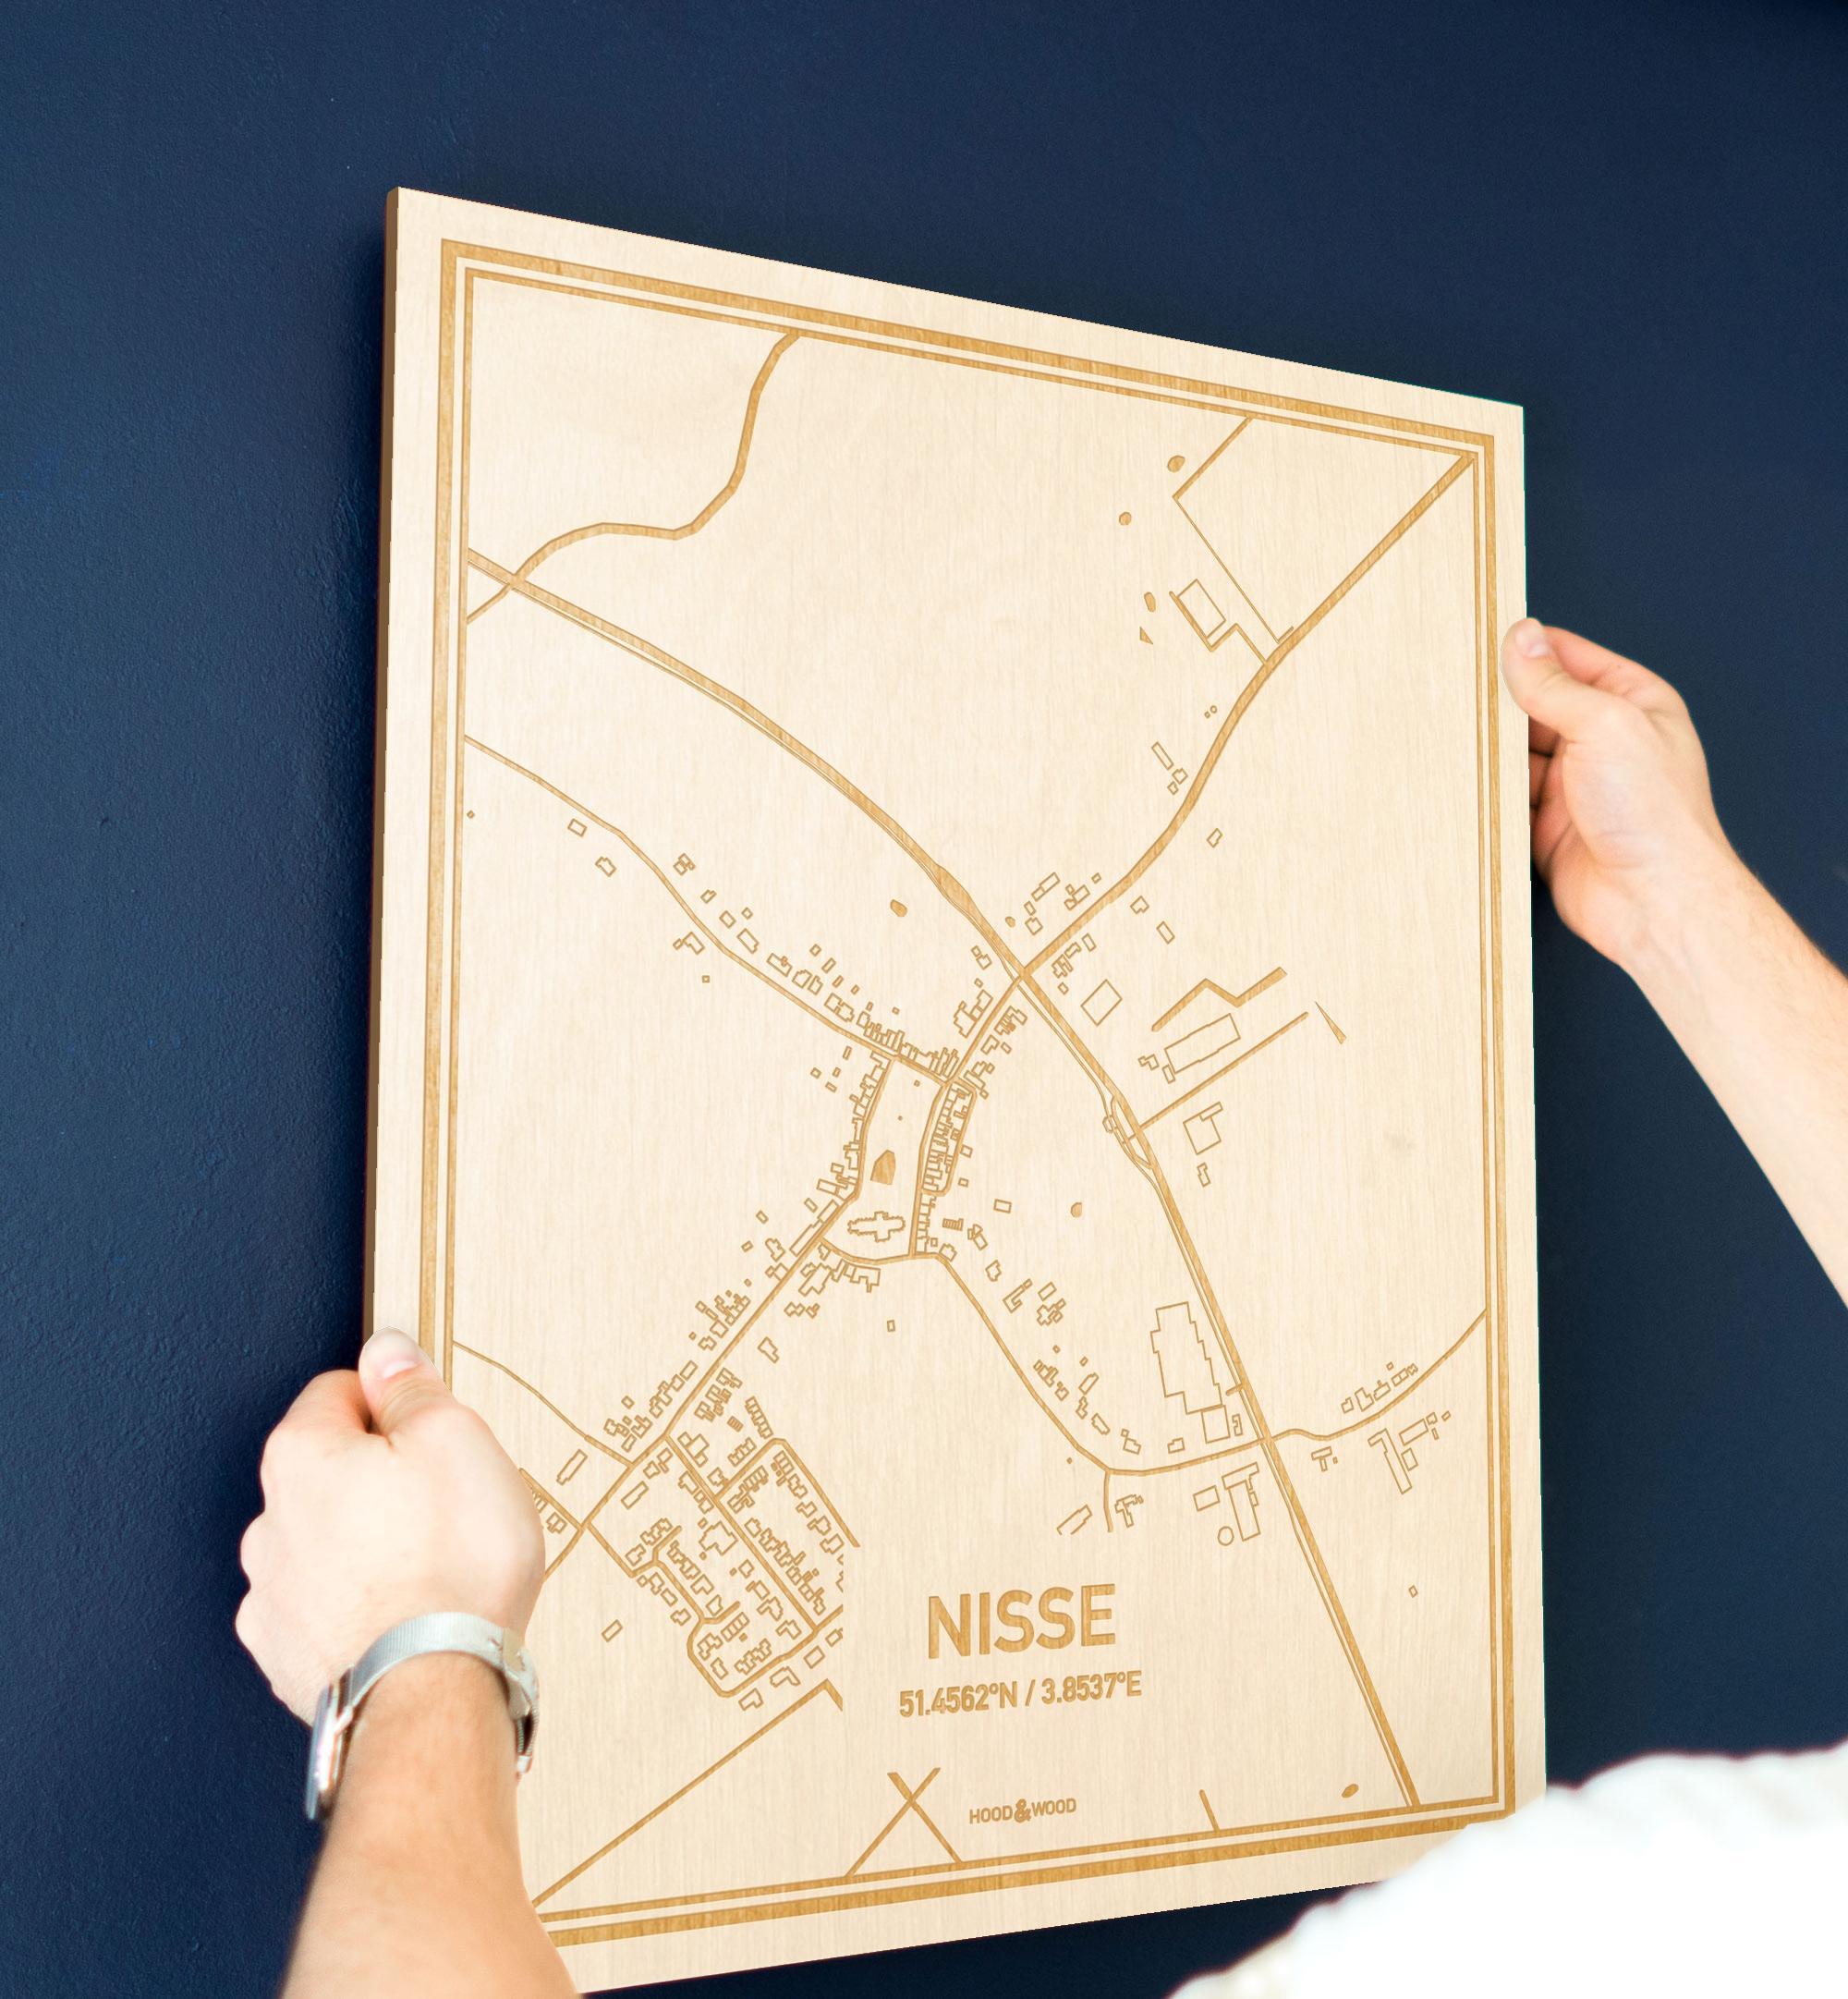 Een man hangt de houten plattegrond Nisse aan zijn blauwe muur ter decoratie. Je ziet alleen zijn handen de kaart van deze schitterende in Zeeland vasthouden.